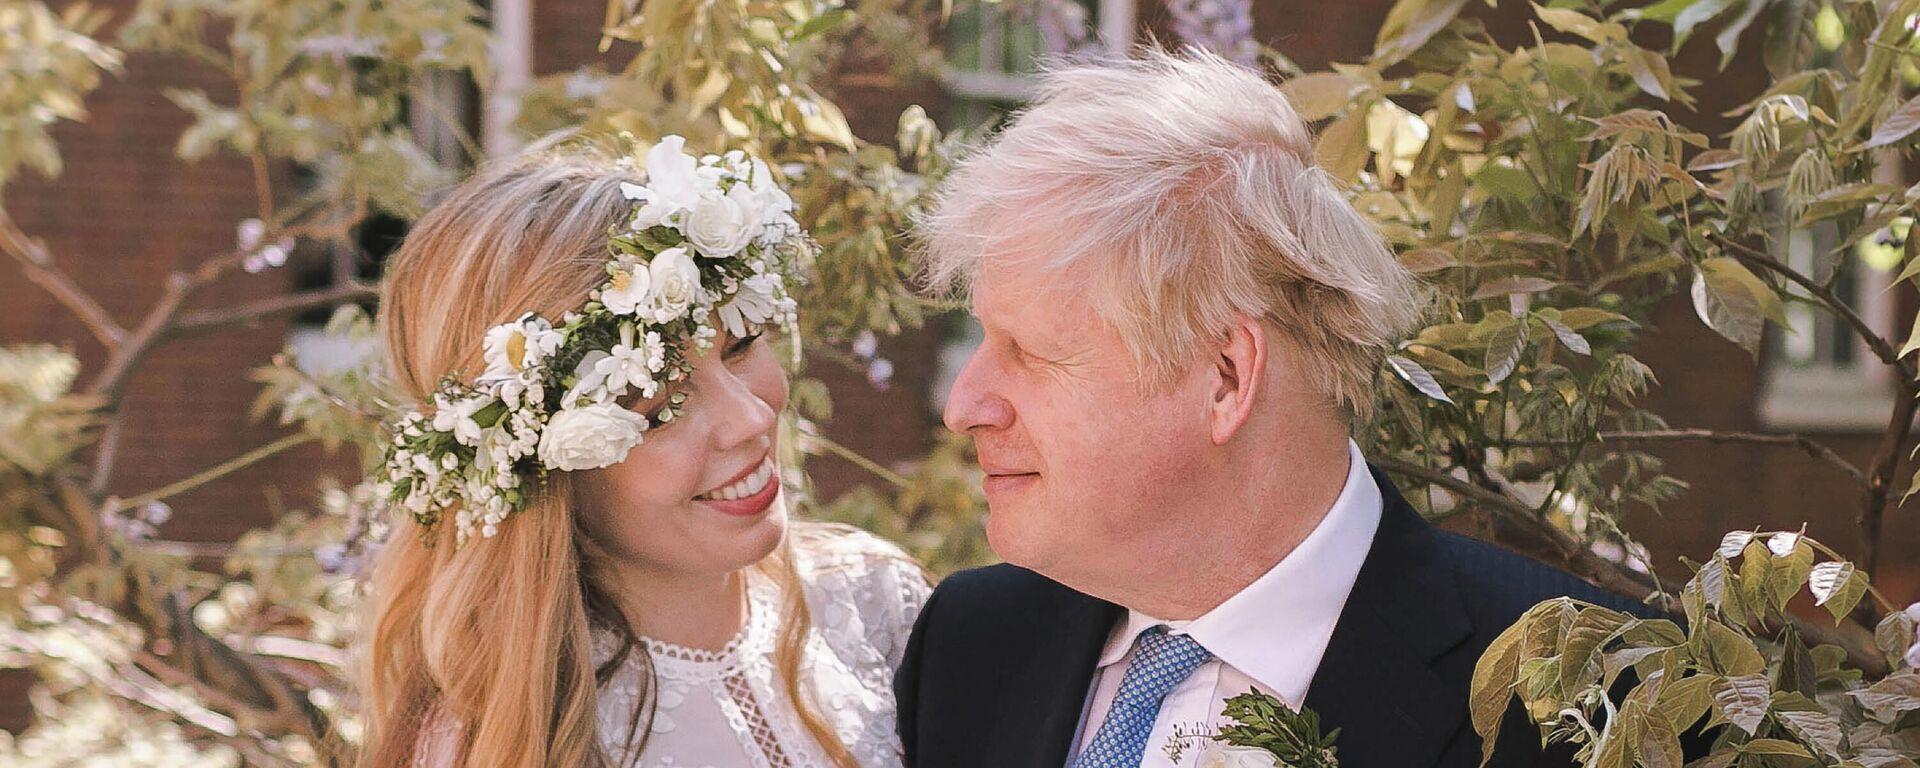 Der britische Premierminister Boris Johnson und seine Frau Carrie Symonds  - SNA, 1920, 30.05.2021